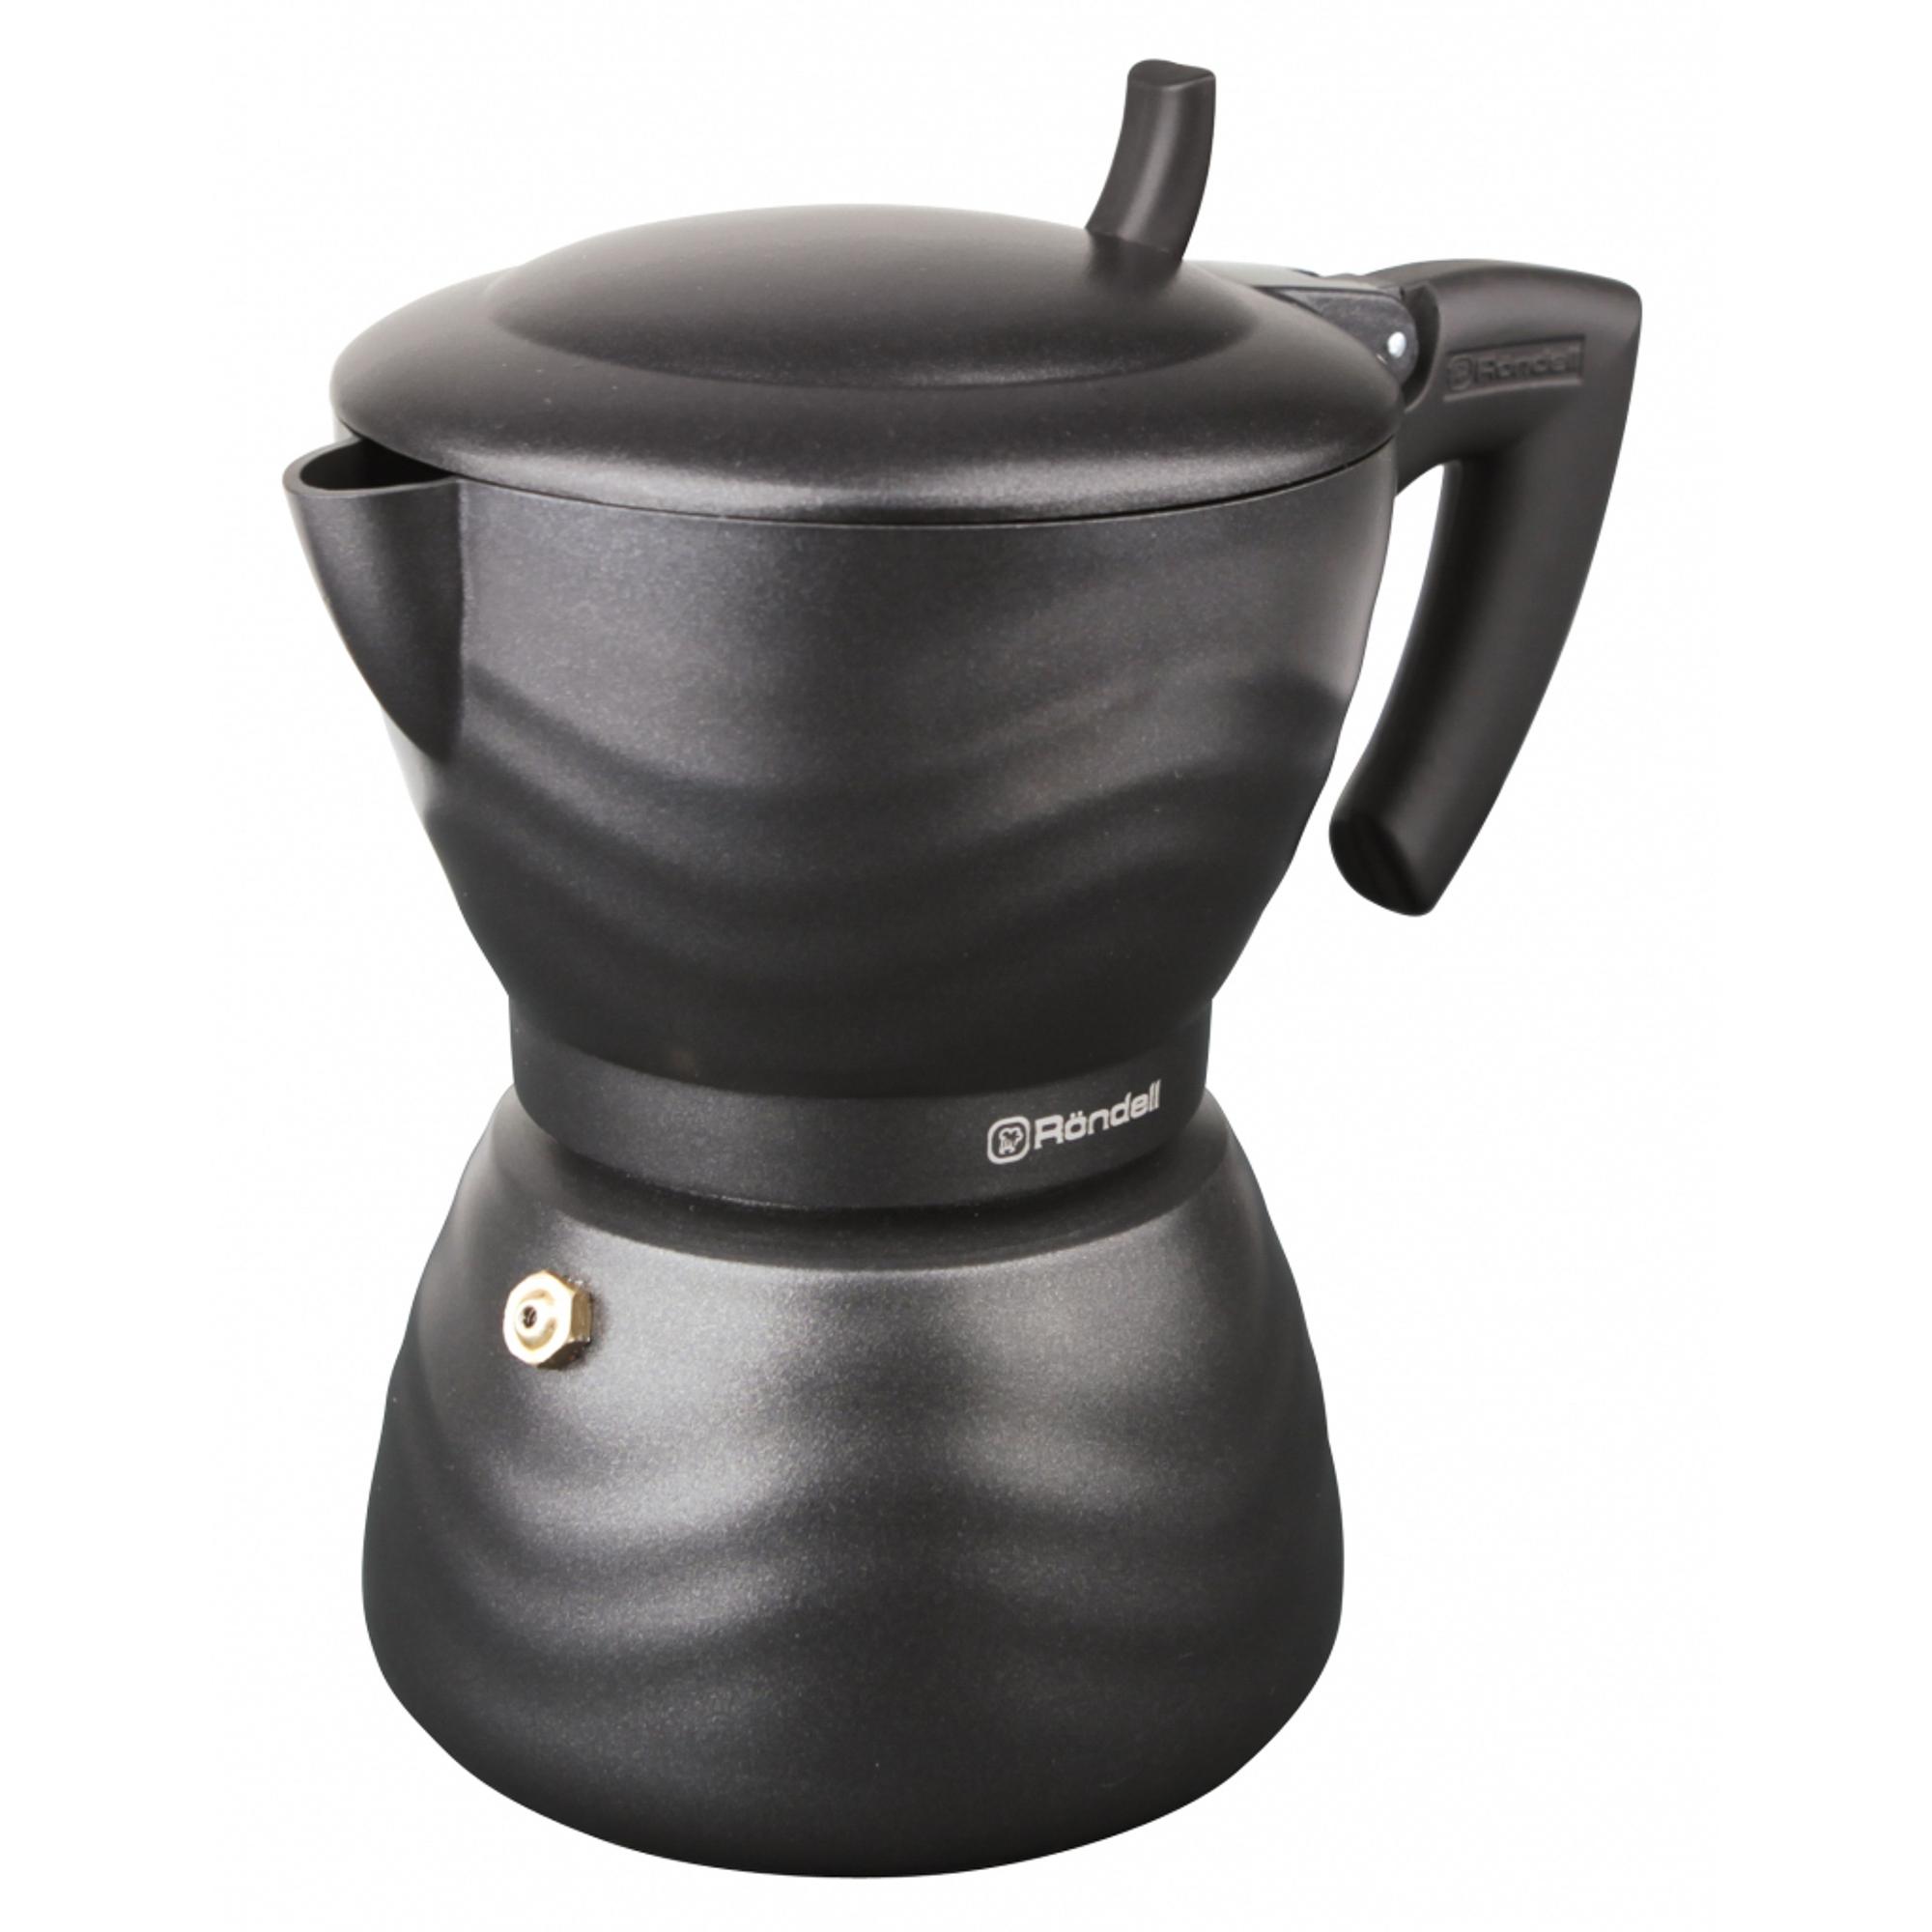 Фото - Гейзерная кофеварка Rondell Walzer на 6 чашек гейзерная кофеварка на 6 чашек 350 мл pensofal